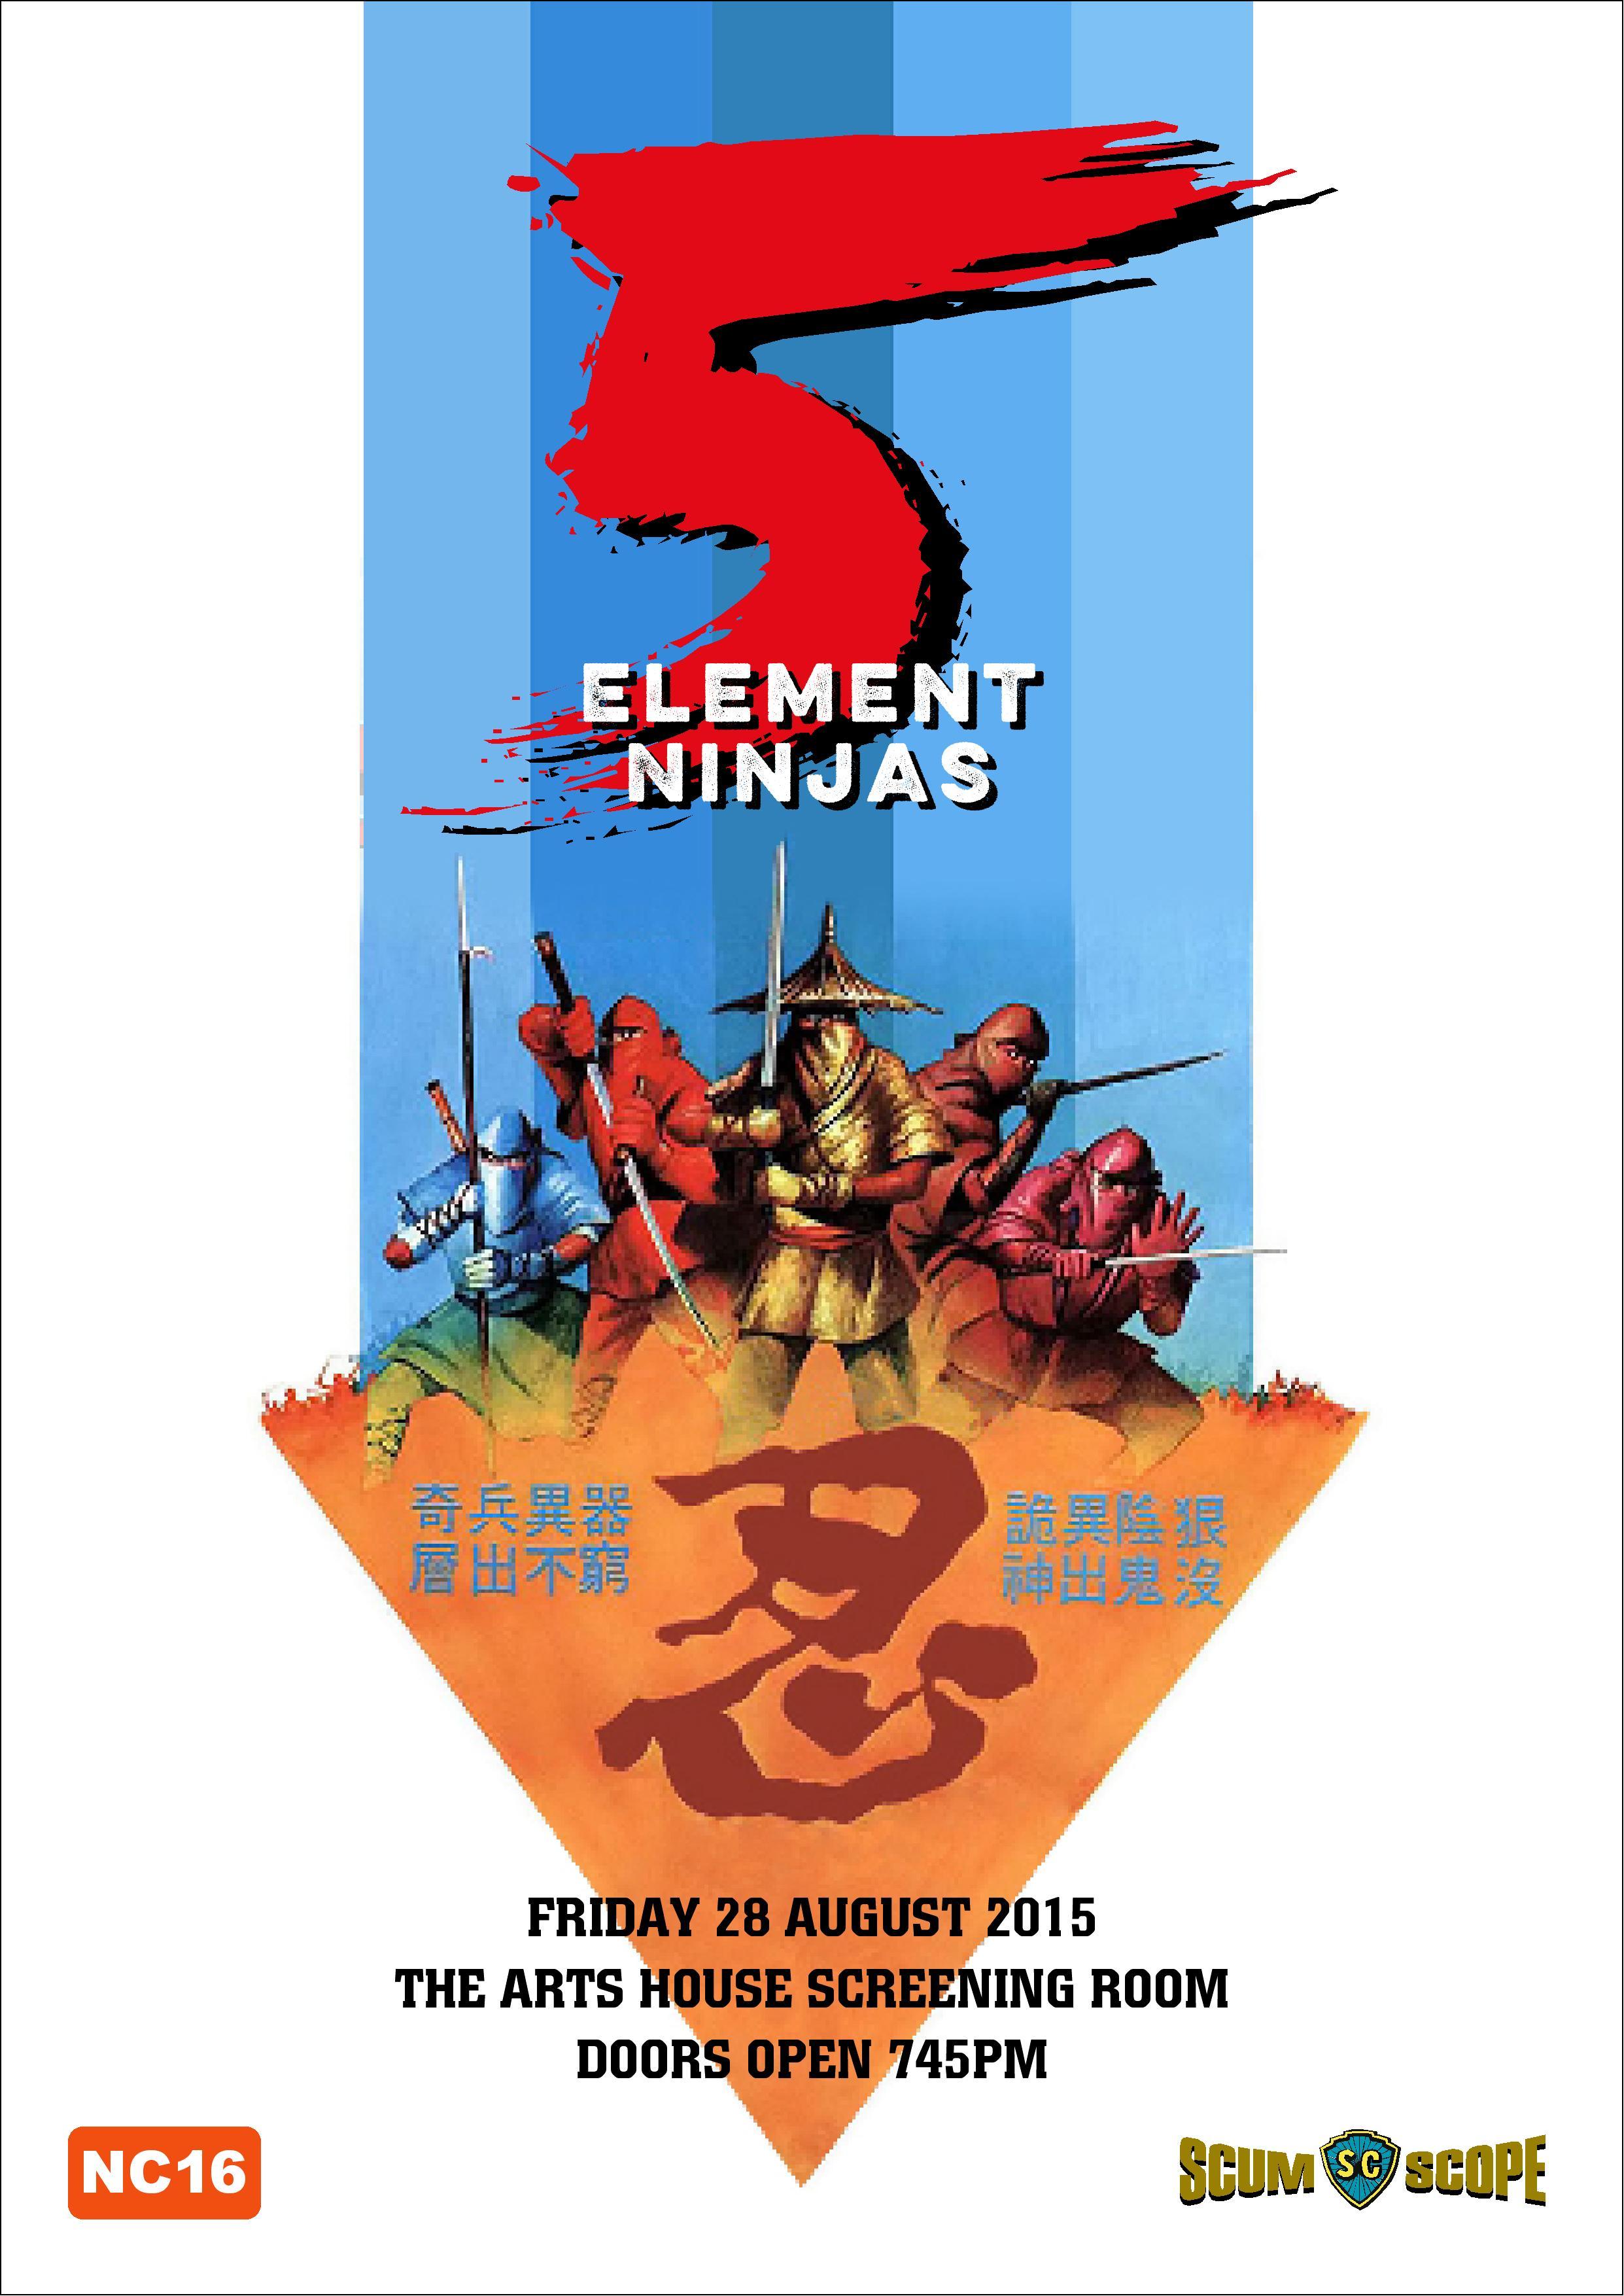 August 2015 Screening – 5 Element Ninjas